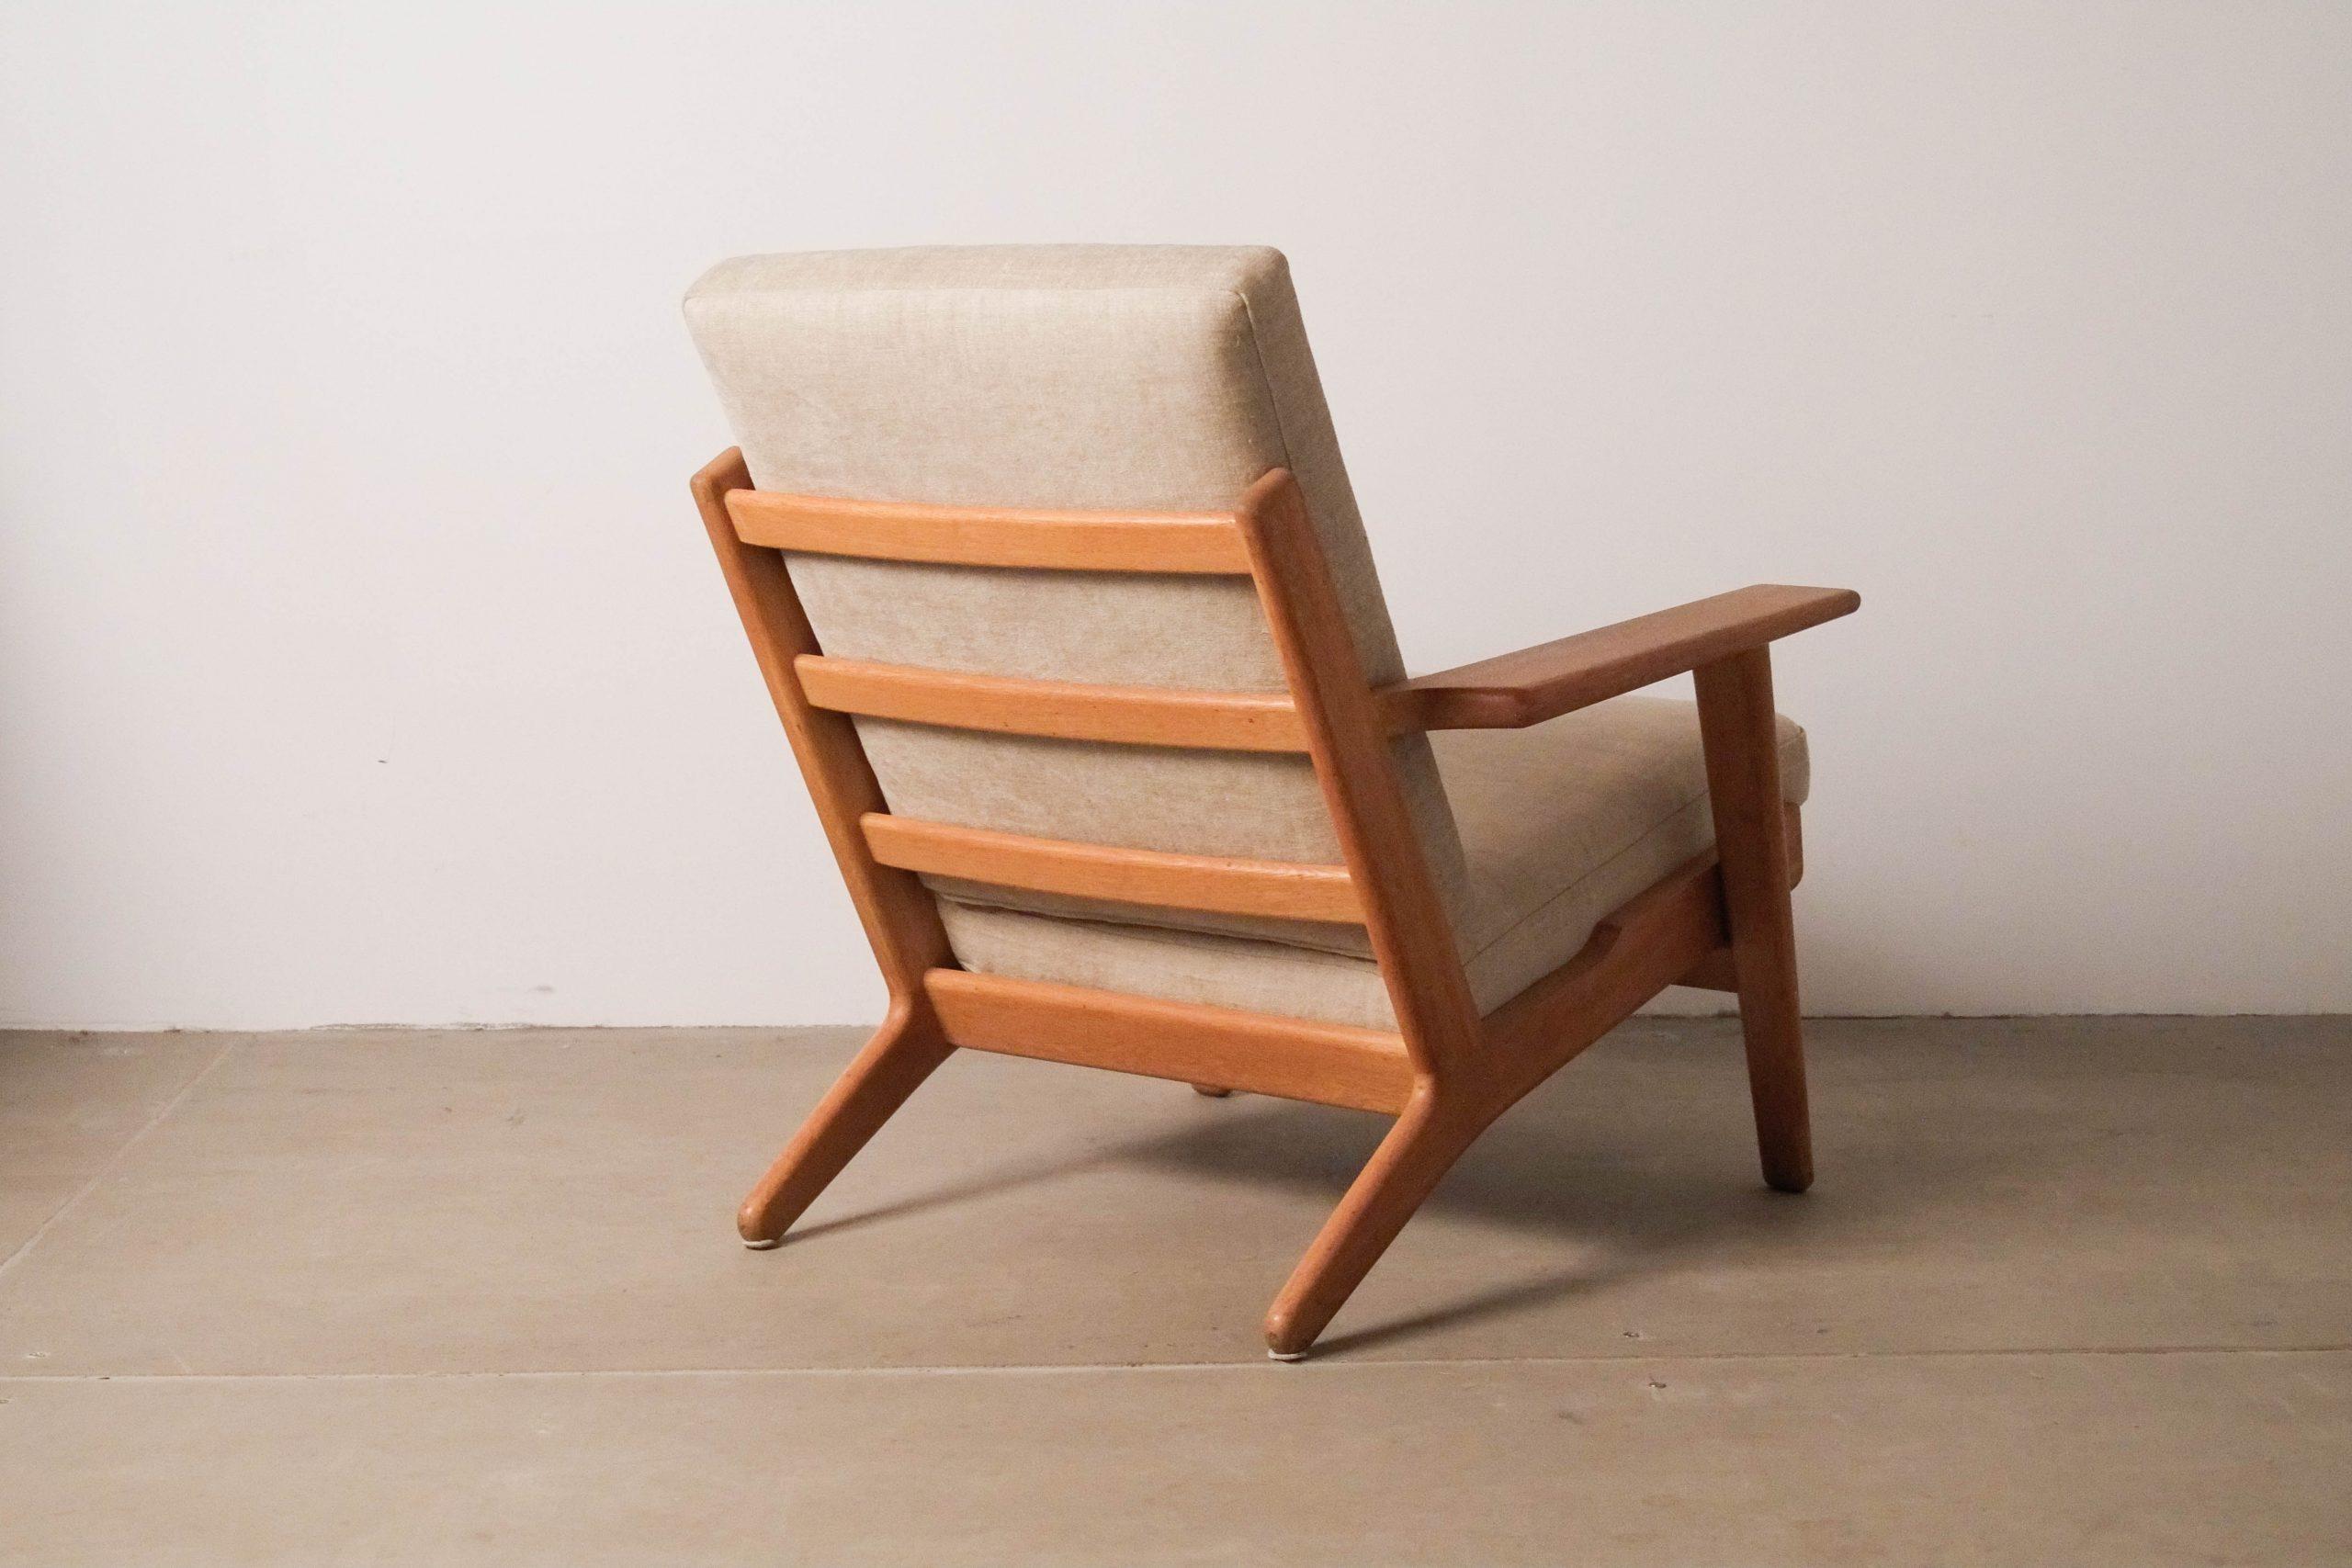 butaca cigarrera silla comoda lounge sala salon de diseño